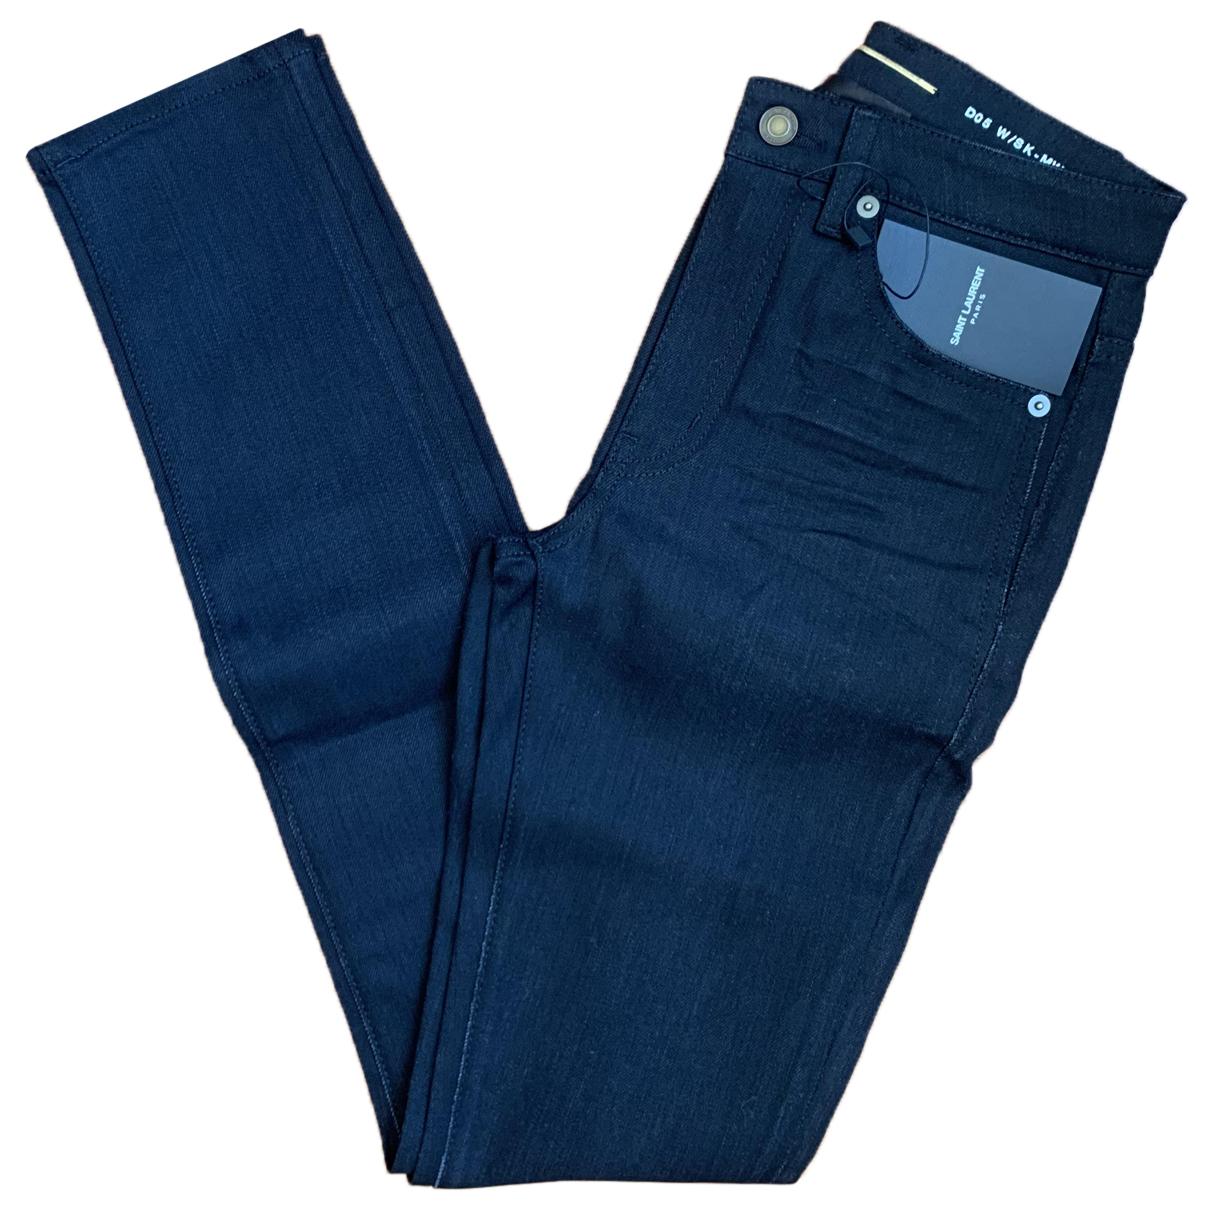 Saint Laurent N Black Cotton Jeans for Women 24 US